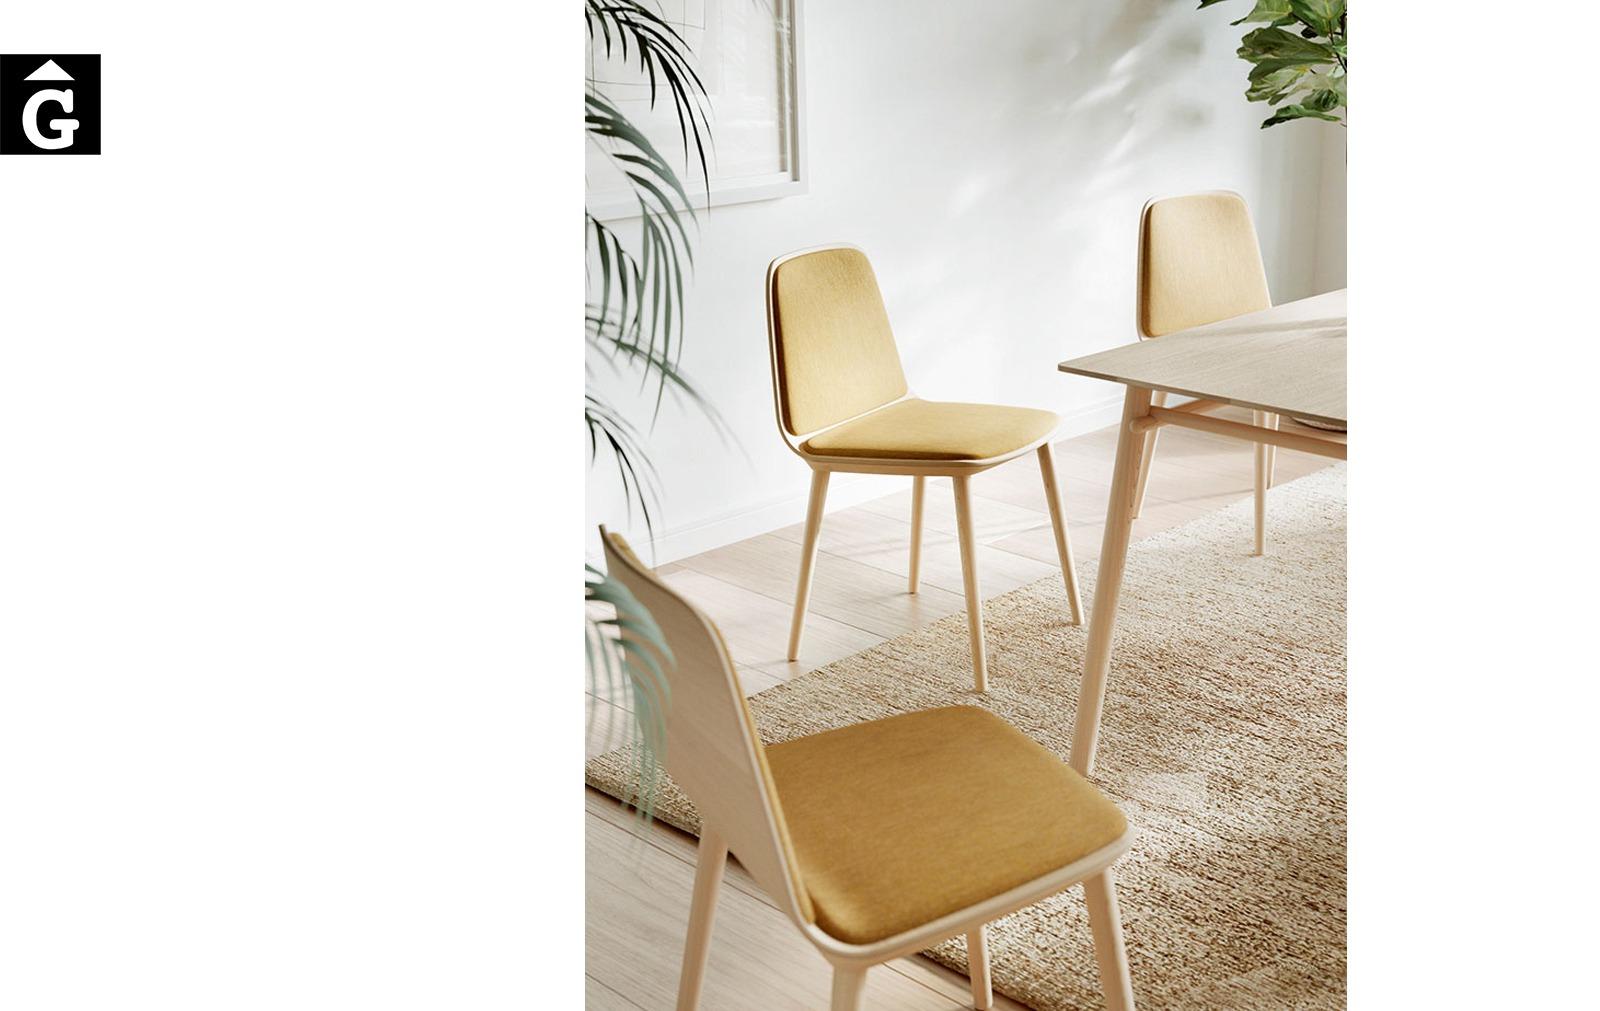 Cadira Bisell potes fusta tapissat groc Treku Home selecció Gifreu mobles